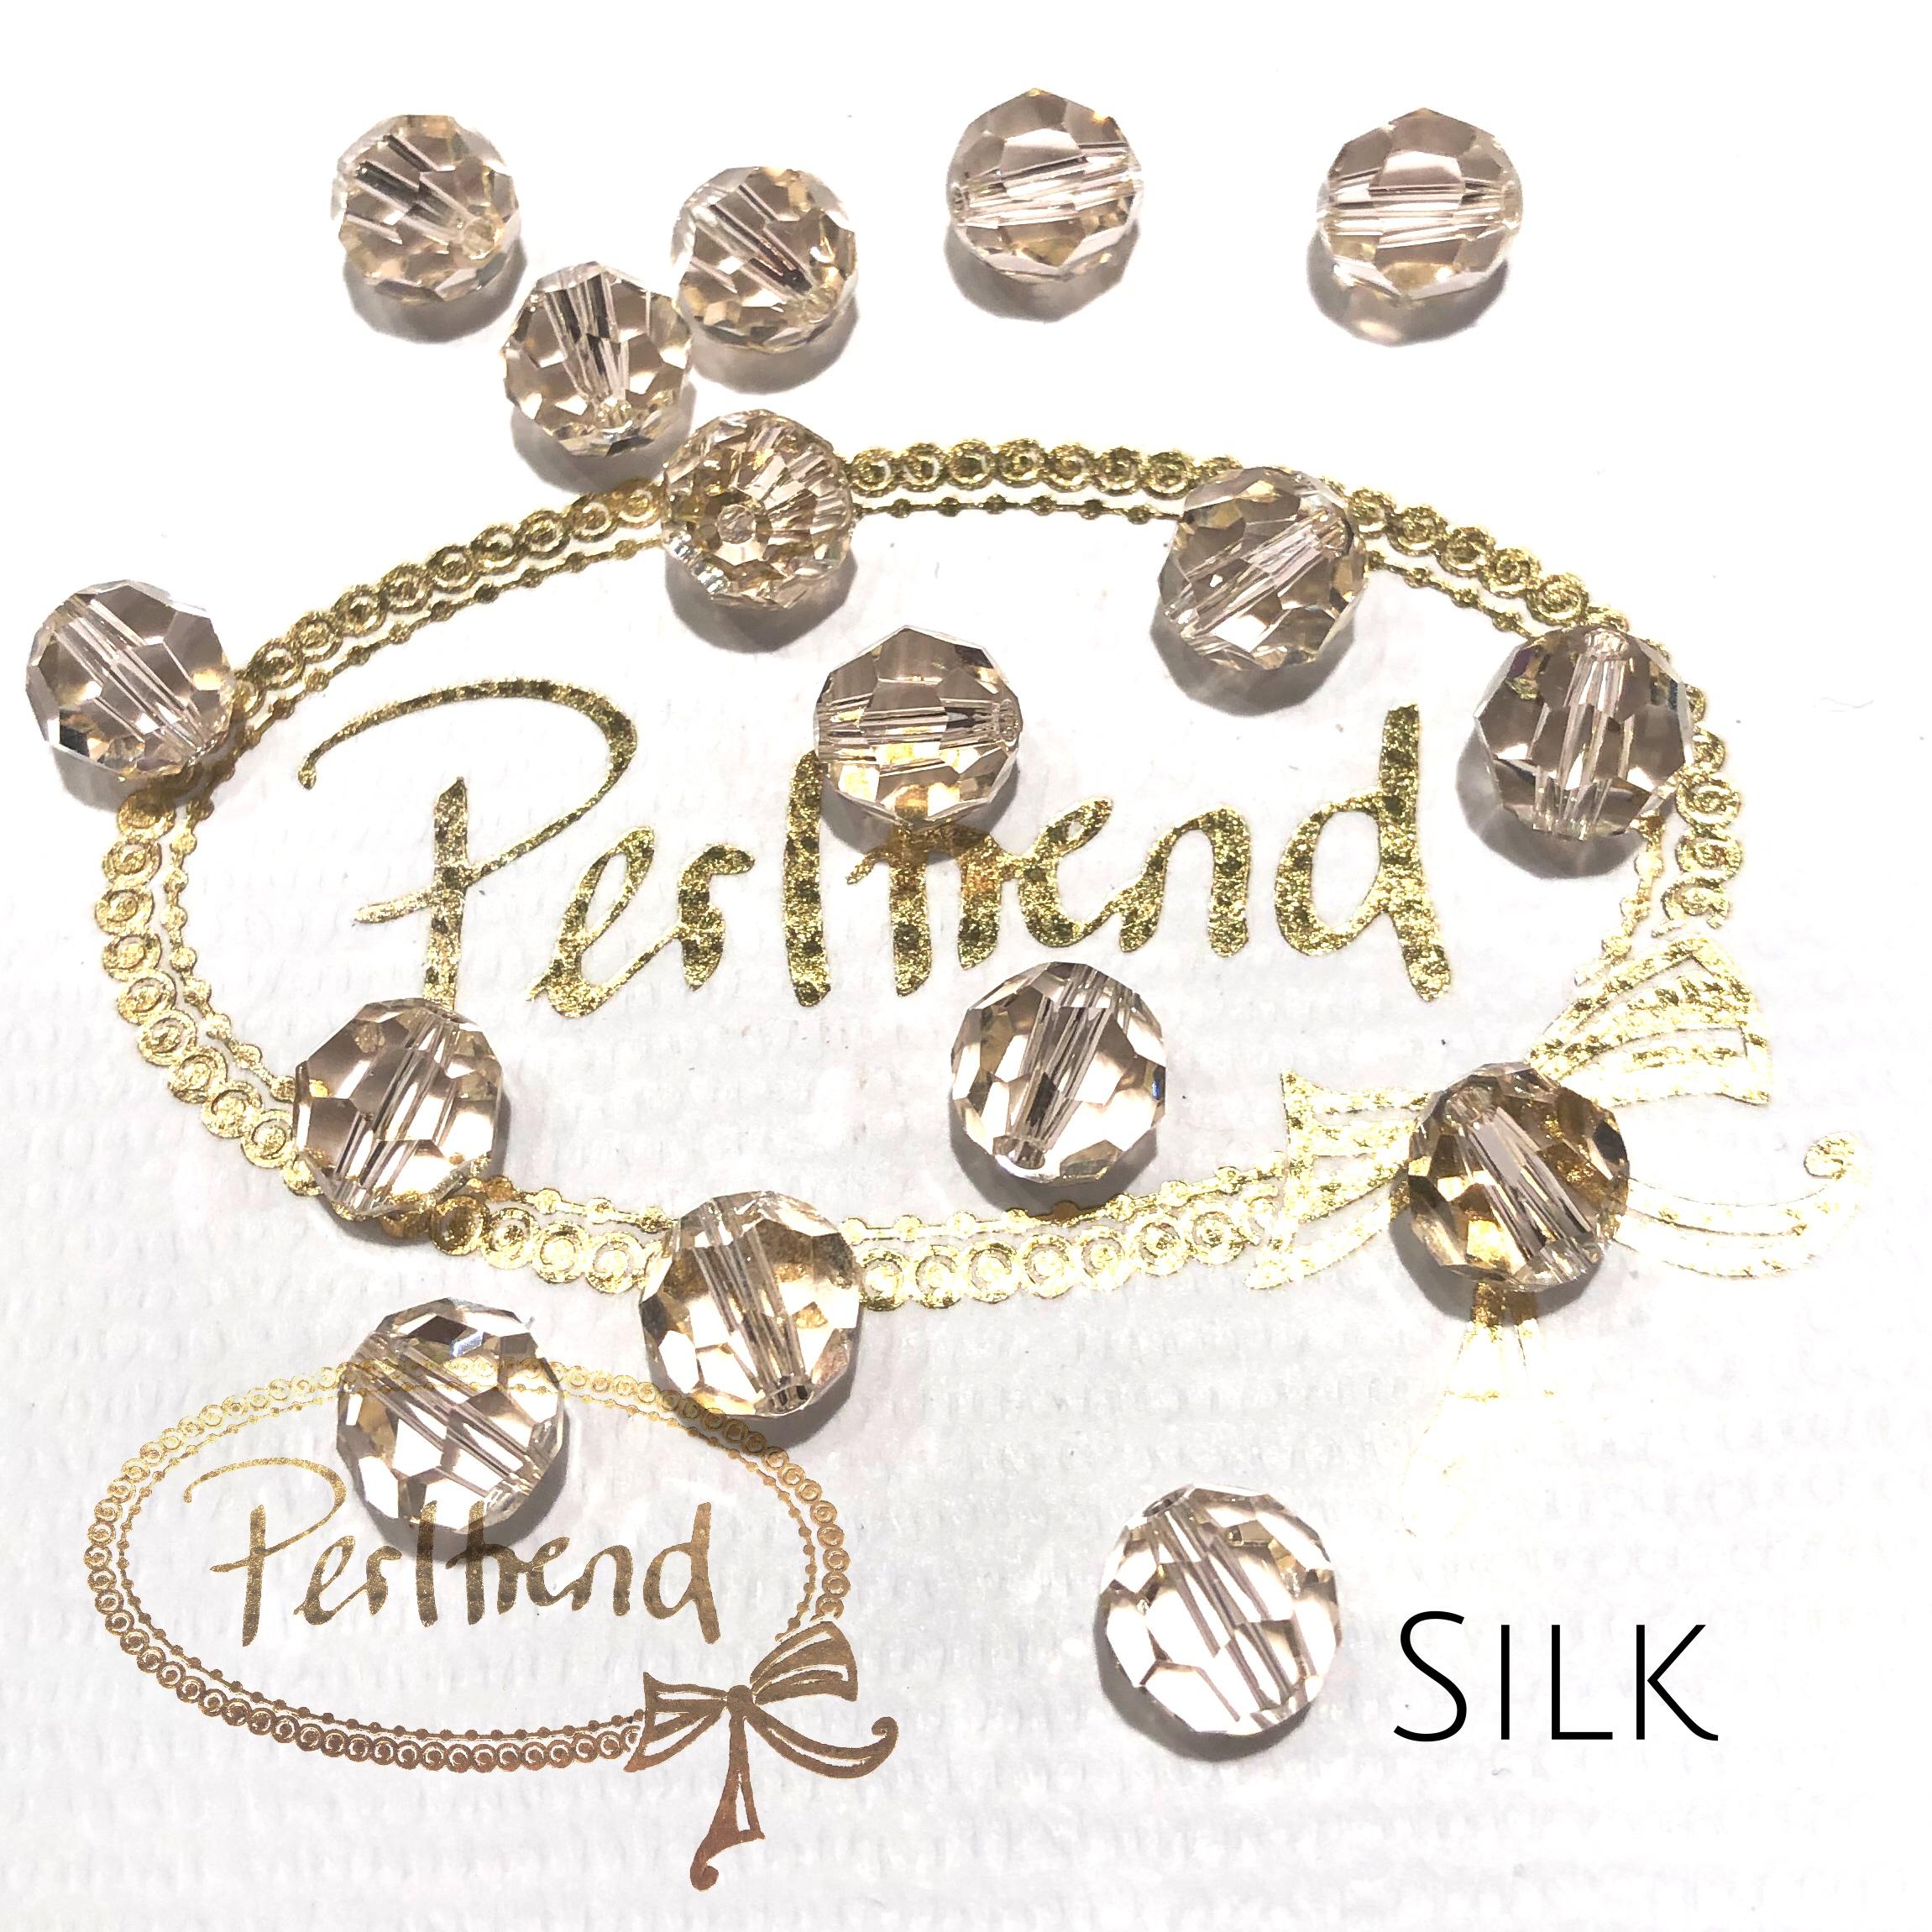 www.perltrend.com Perltrend Luzern Schweiz Onlineshop Perlen Schmuck Accessoires original Swarovski Crystals Crystal facet bead facettiert rund Silk Seide sehr helles apricot beige transparent